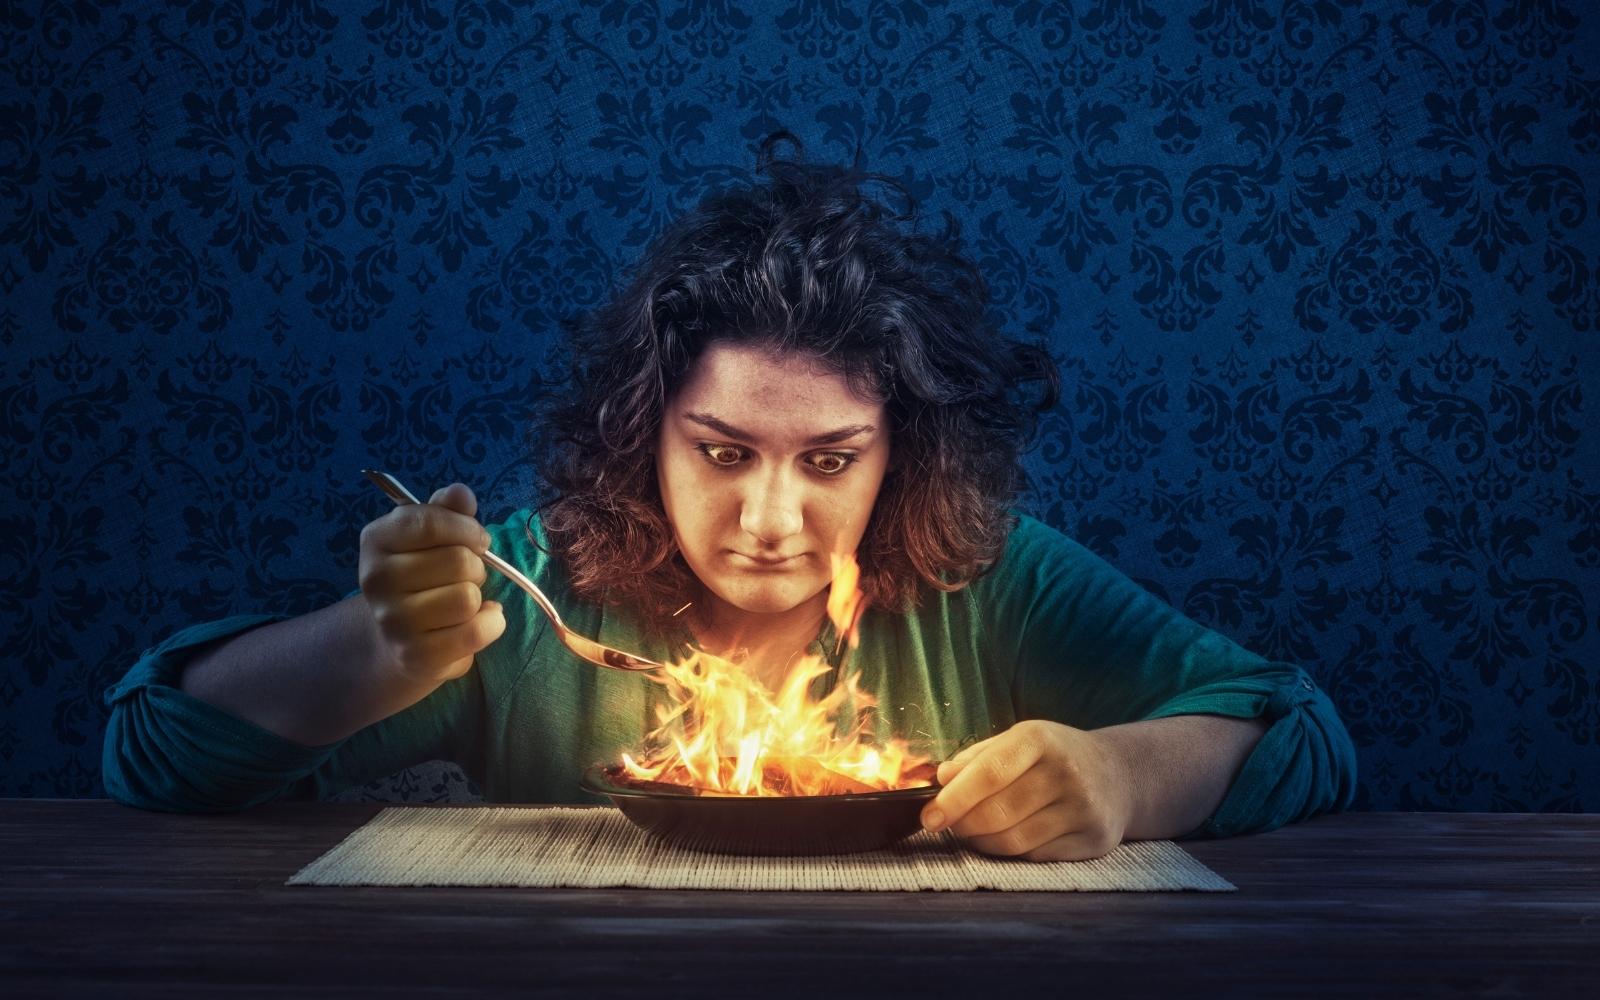 mujer comiendo plato picante